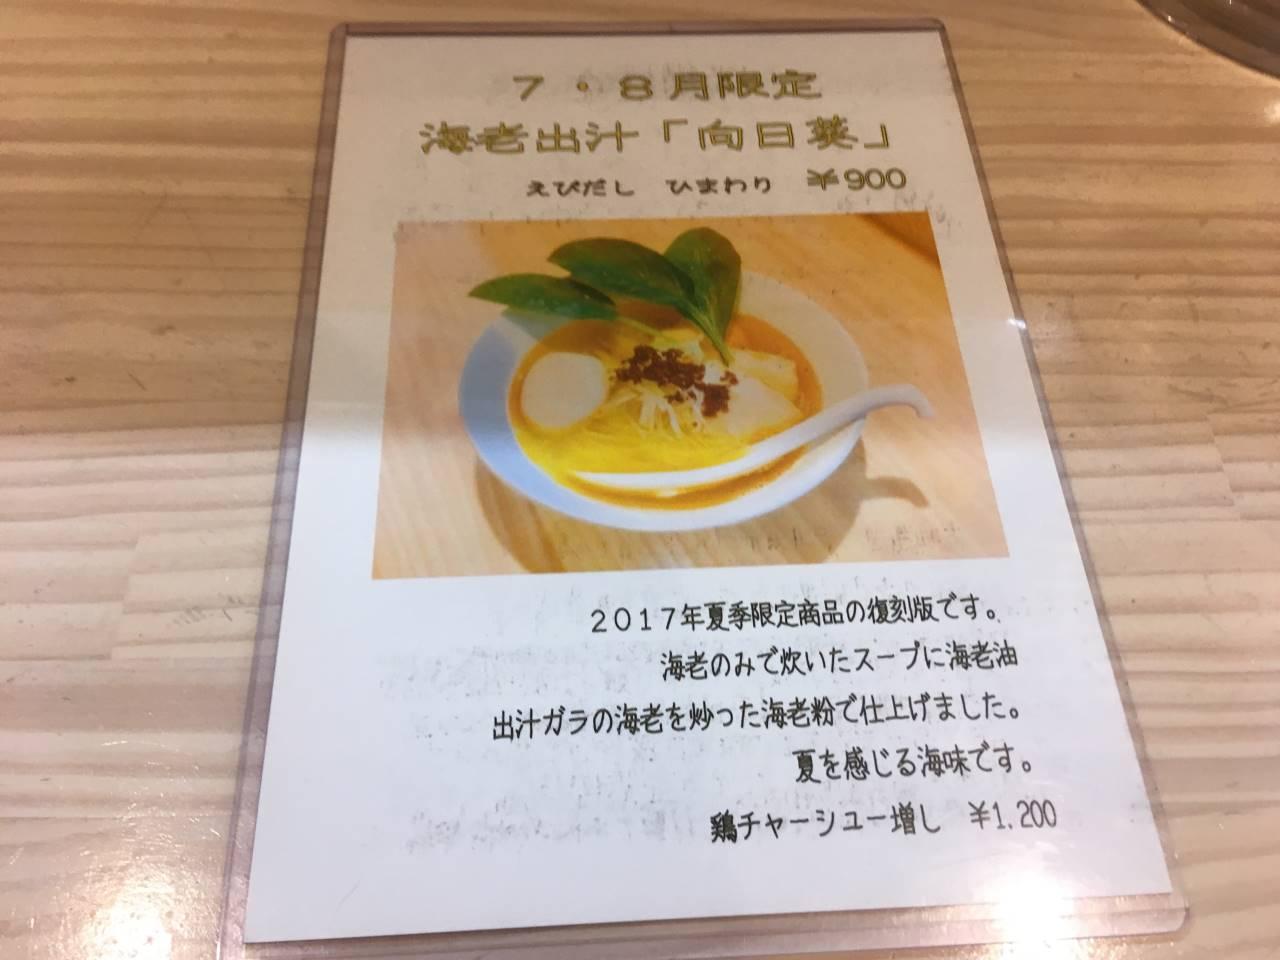 7・8月限定の向日葵のメニュー:渋谷駅近くのラーメン屋、吉法師のメニュー1